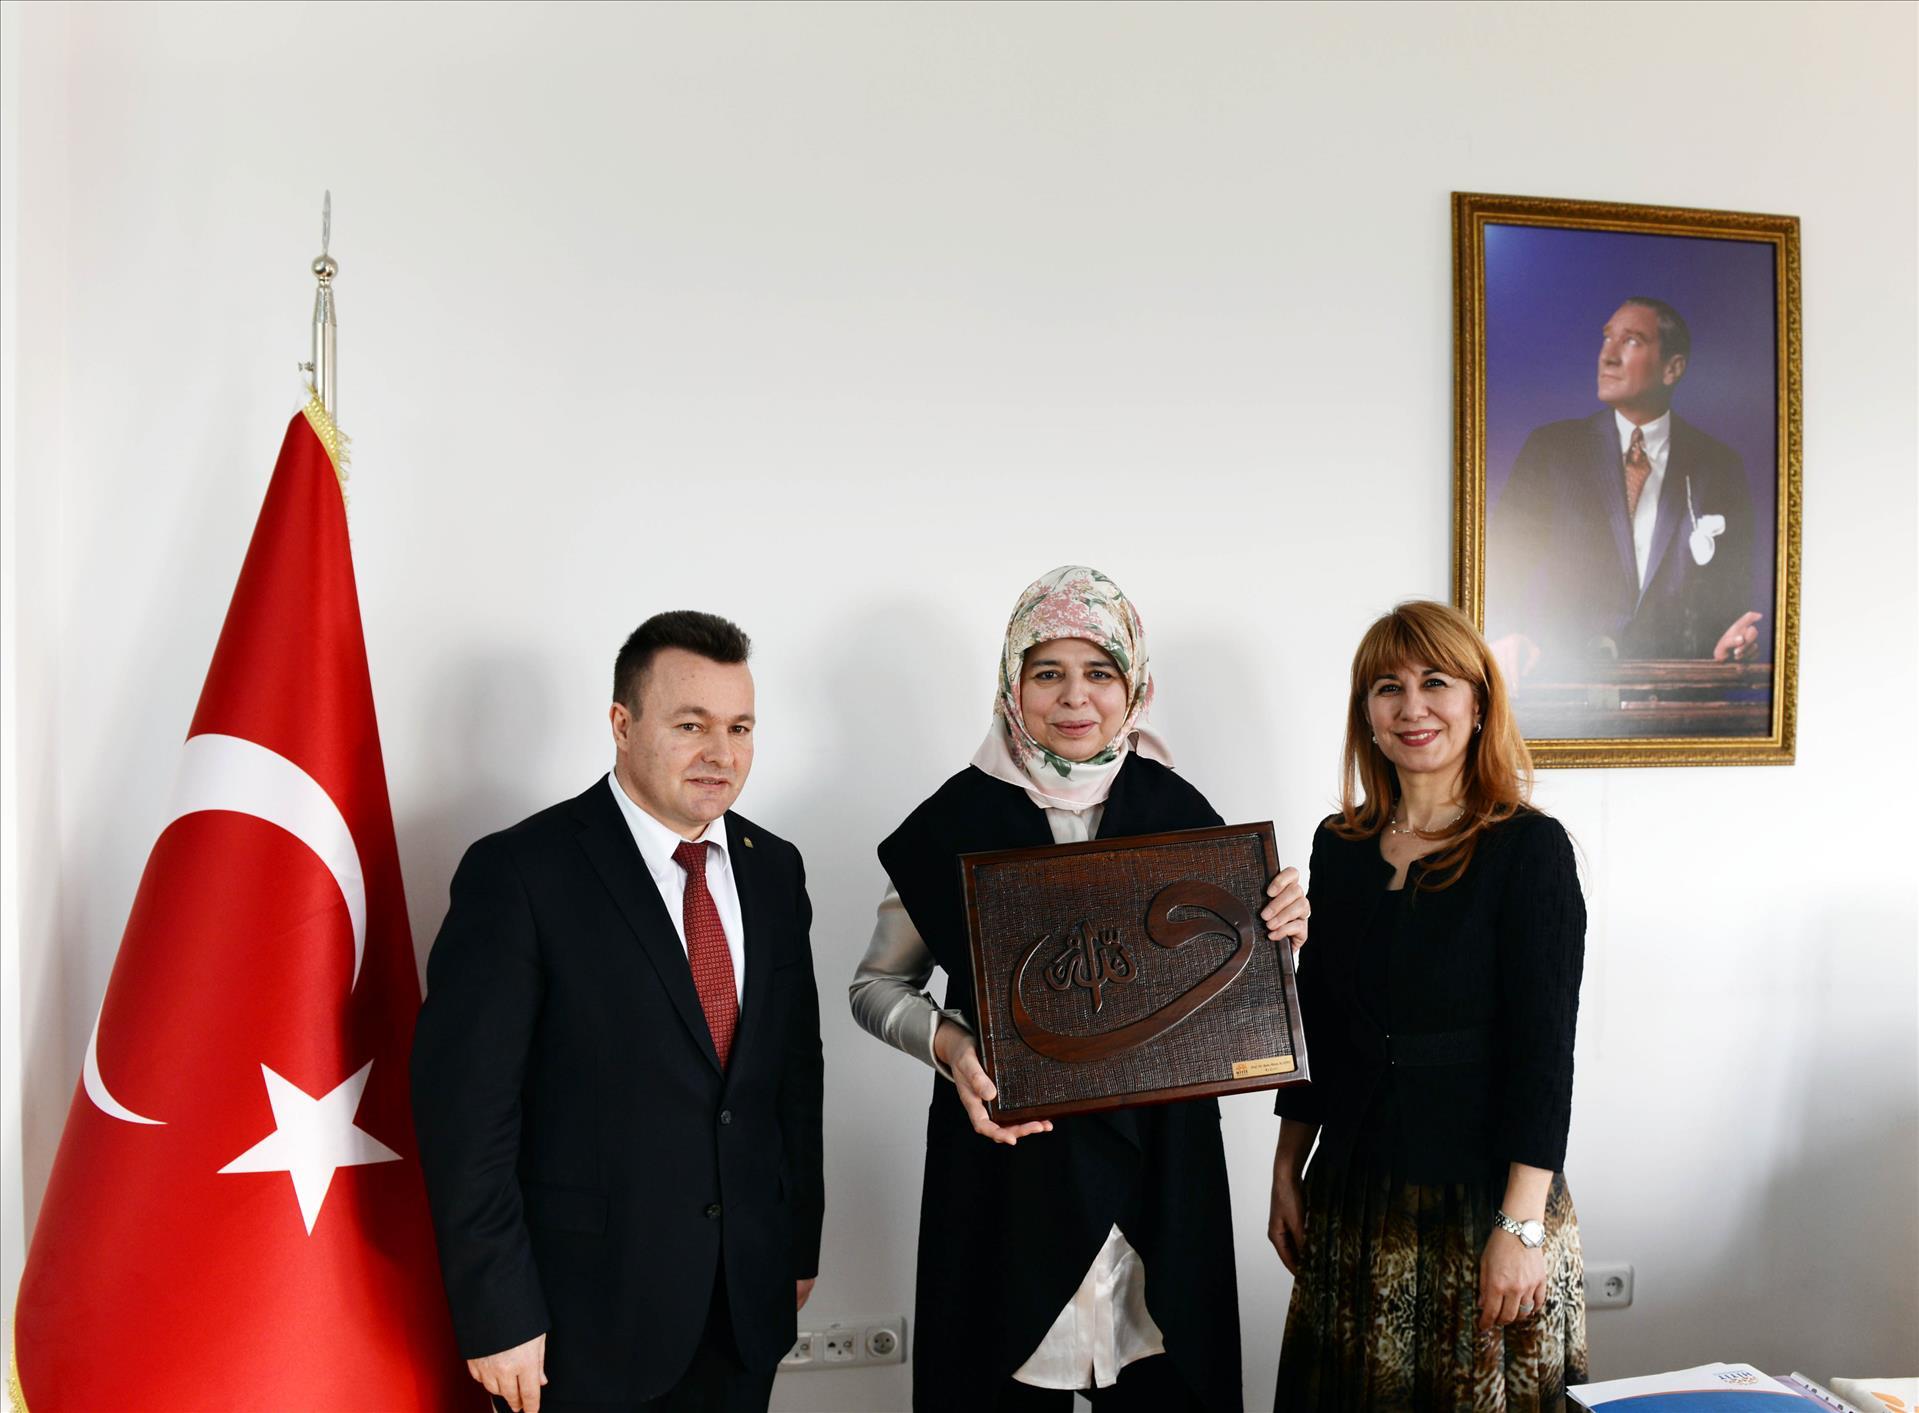 Başbakan Yardımcısı Numan Kurtulmuş'un Eşi Prof. Dr. Sevgi Kurtulmuş Üniversitemize Ziyarette Bulundu